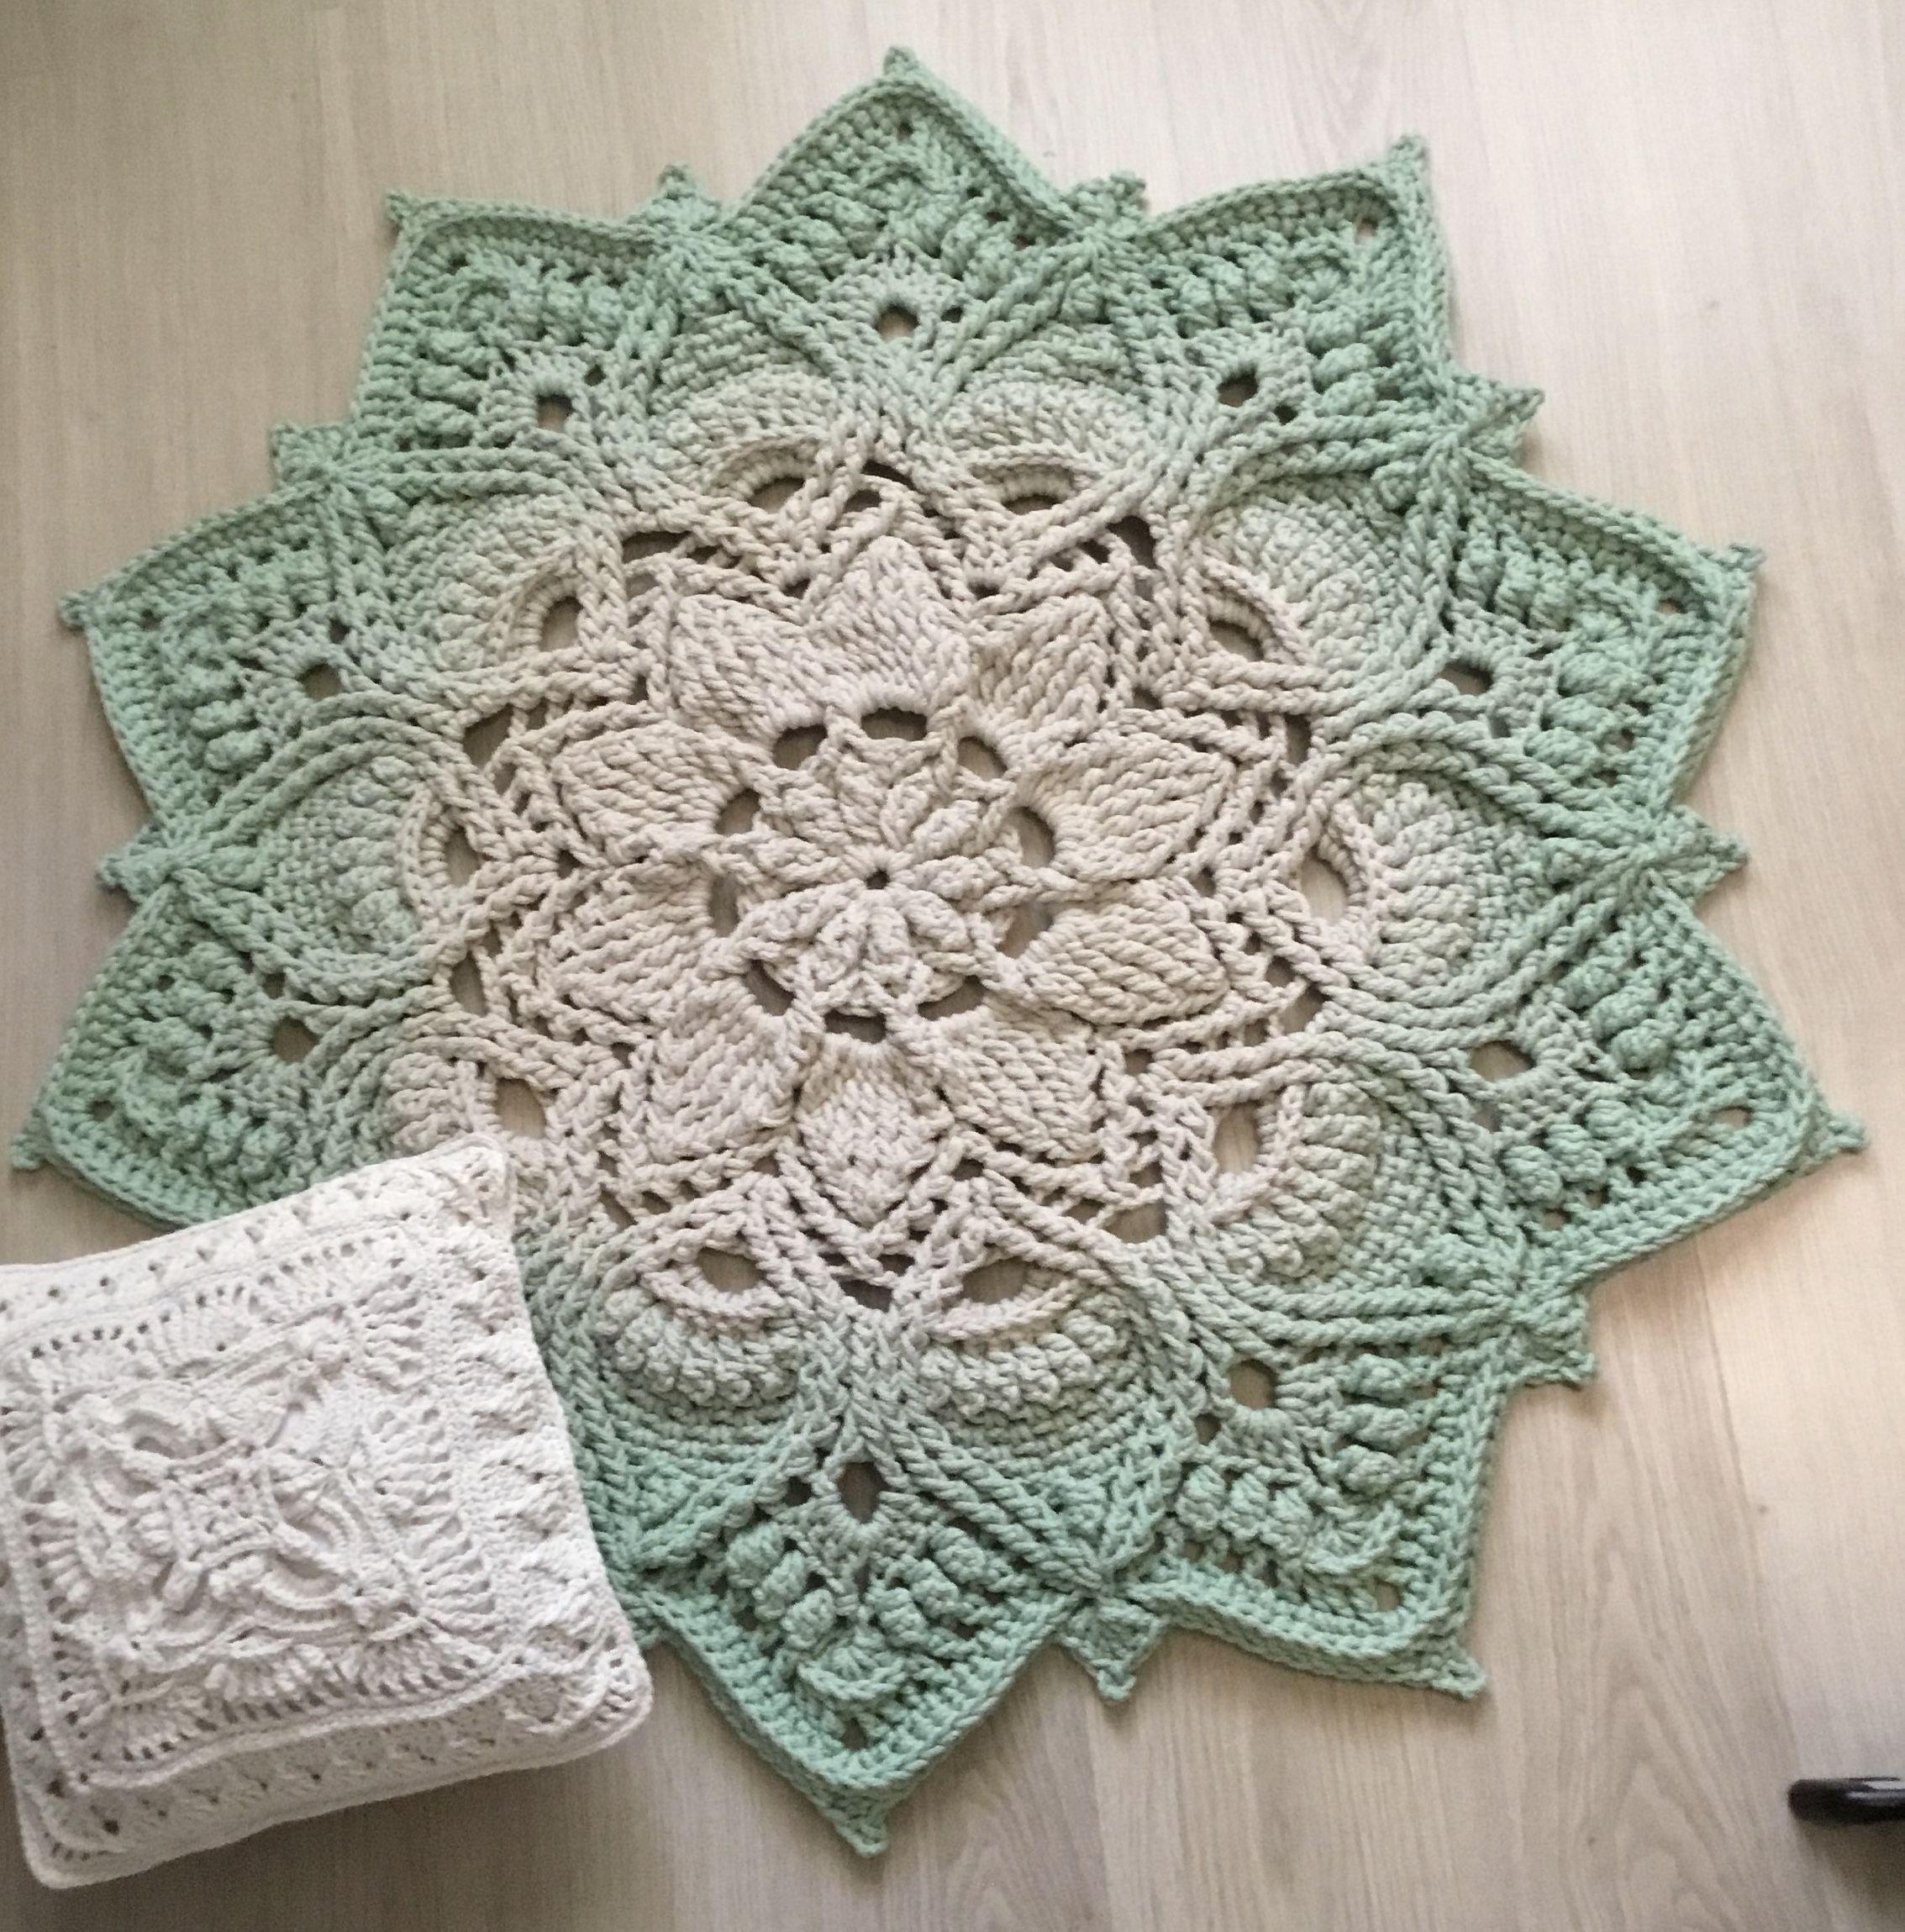 Video Tutorial Crocheting Rug Adonis Text Description In Etsy In 2020 Crochet Rug Patterns Crochet Rug Crochet